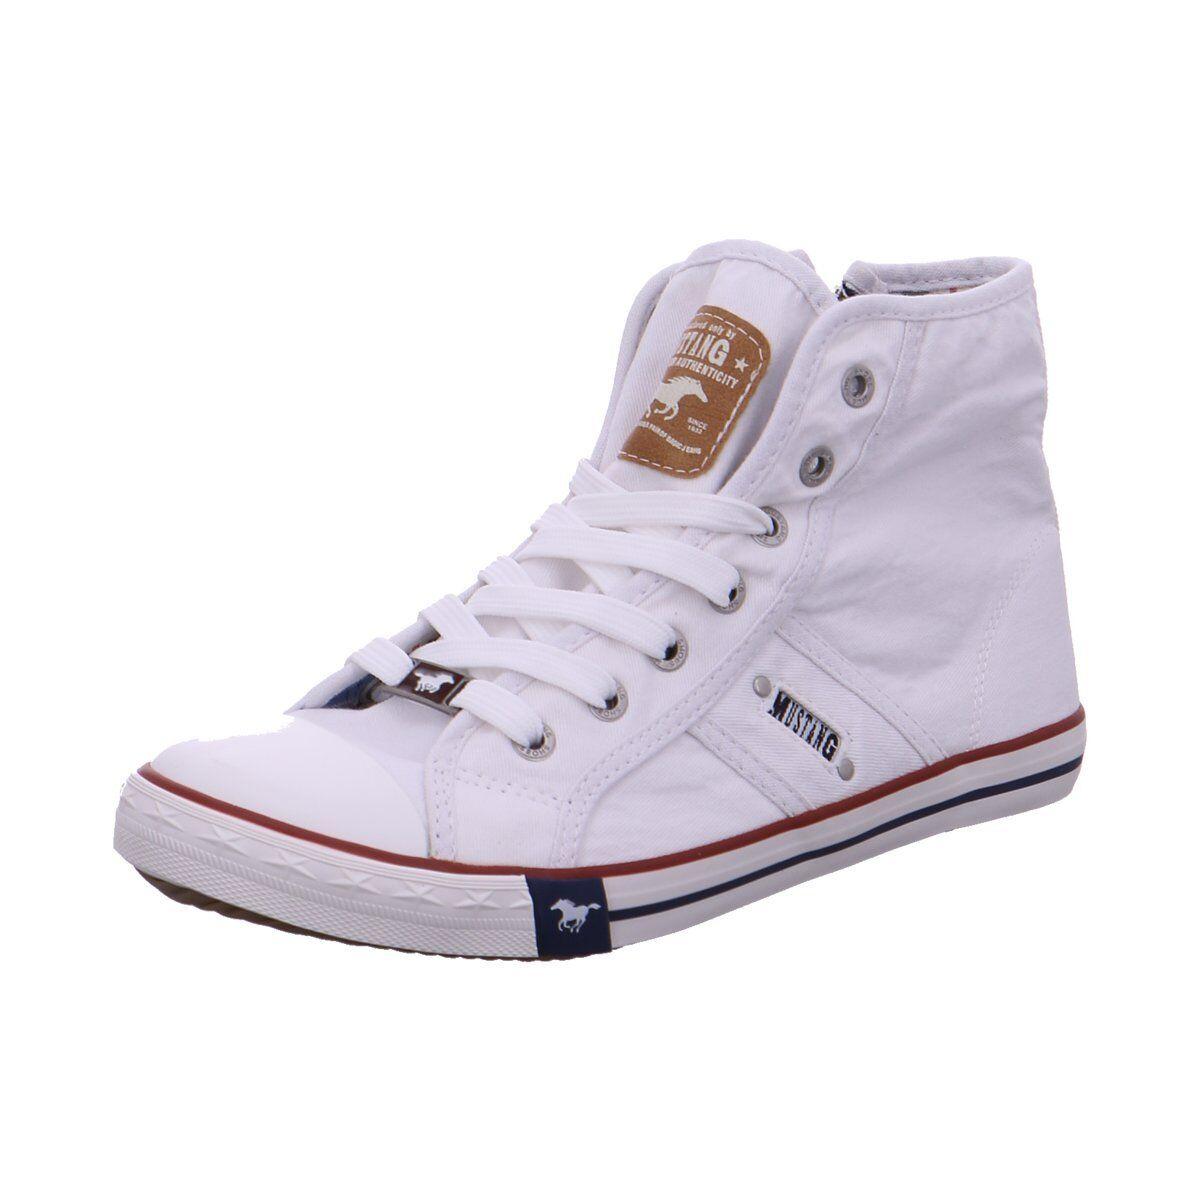 NEU Mustang Damen Sneaker Sort.D3 1099502-001 weiß 396686